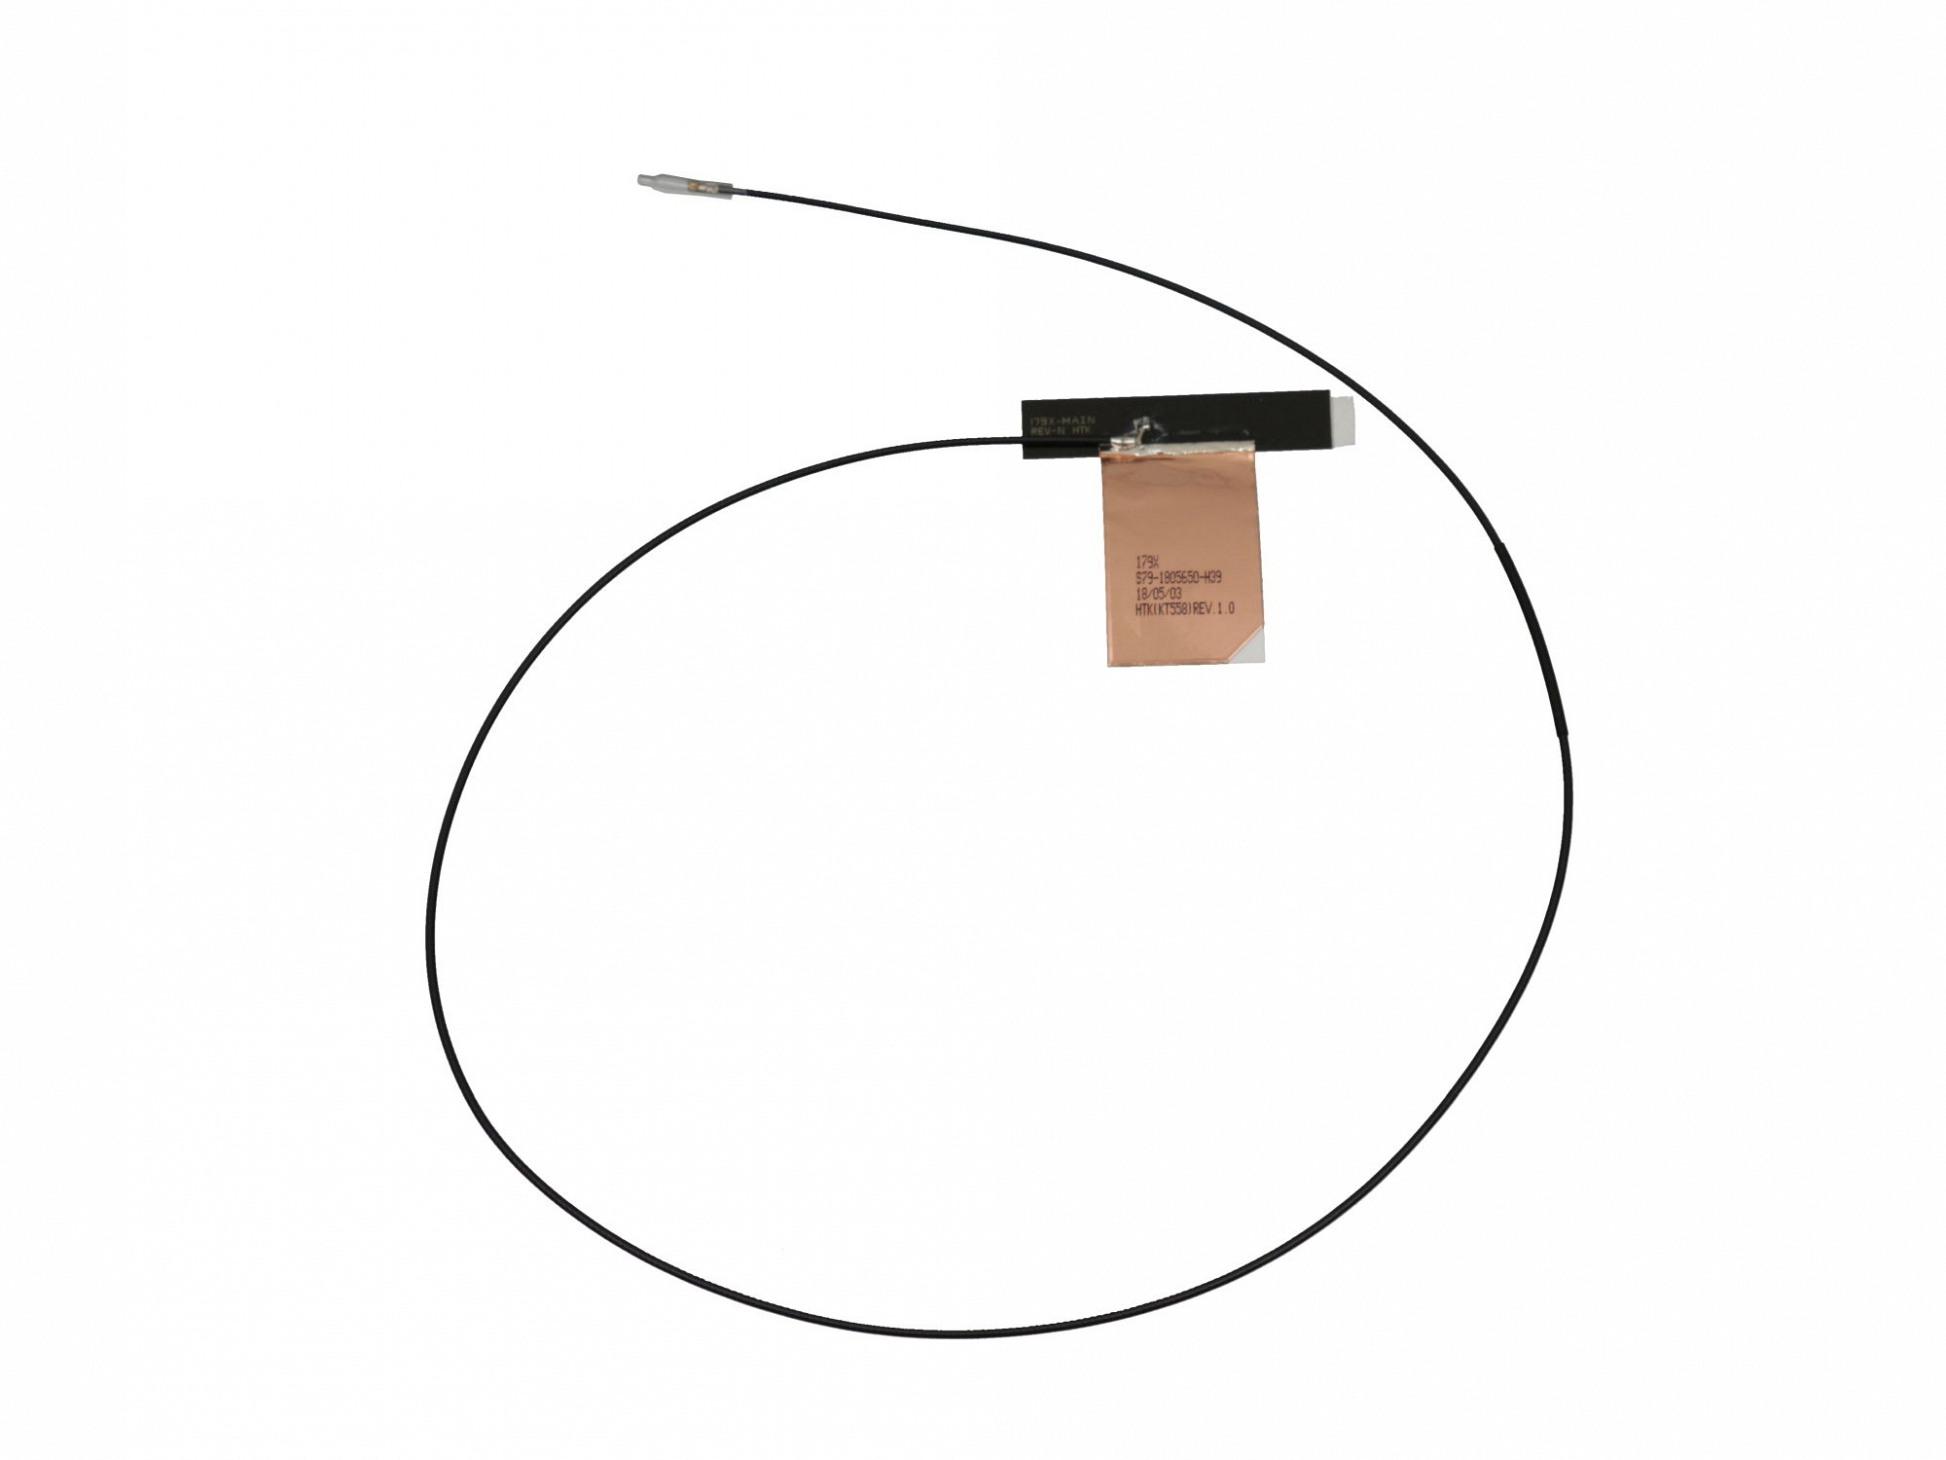 MSI S79-1805660-H39 WLAN Antenne (AUX WLAN)